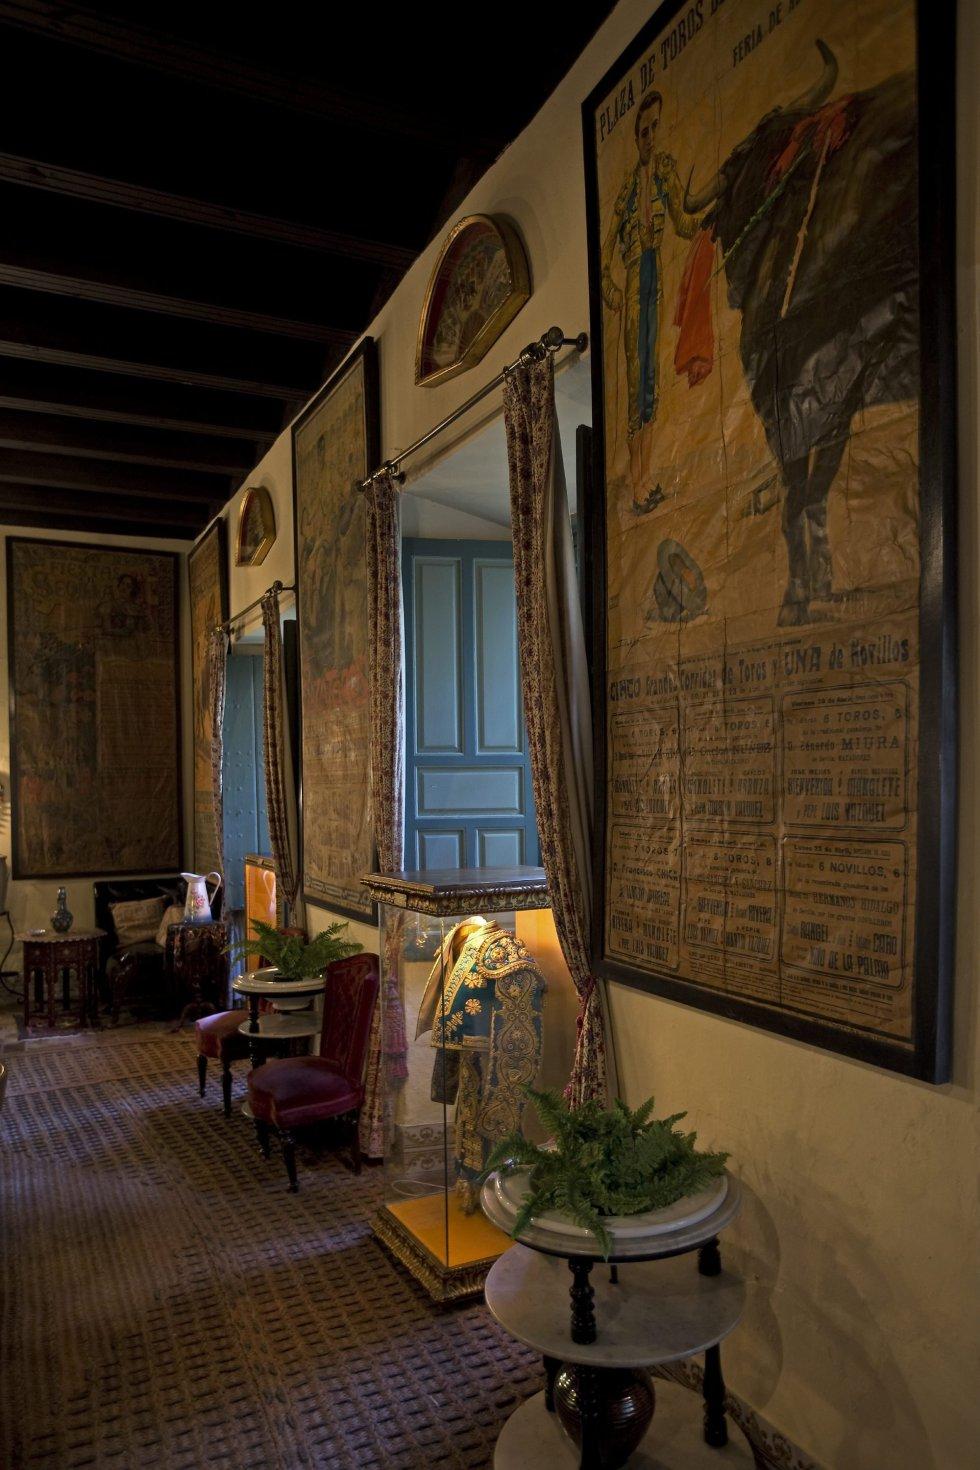 El salón relacionado con la Feria de Sevilla, que incluye una valiosa colección de carteles y un traje de luces de Curro Romero, forma parte de las estancias de la Casa Palacio de las Dueñas